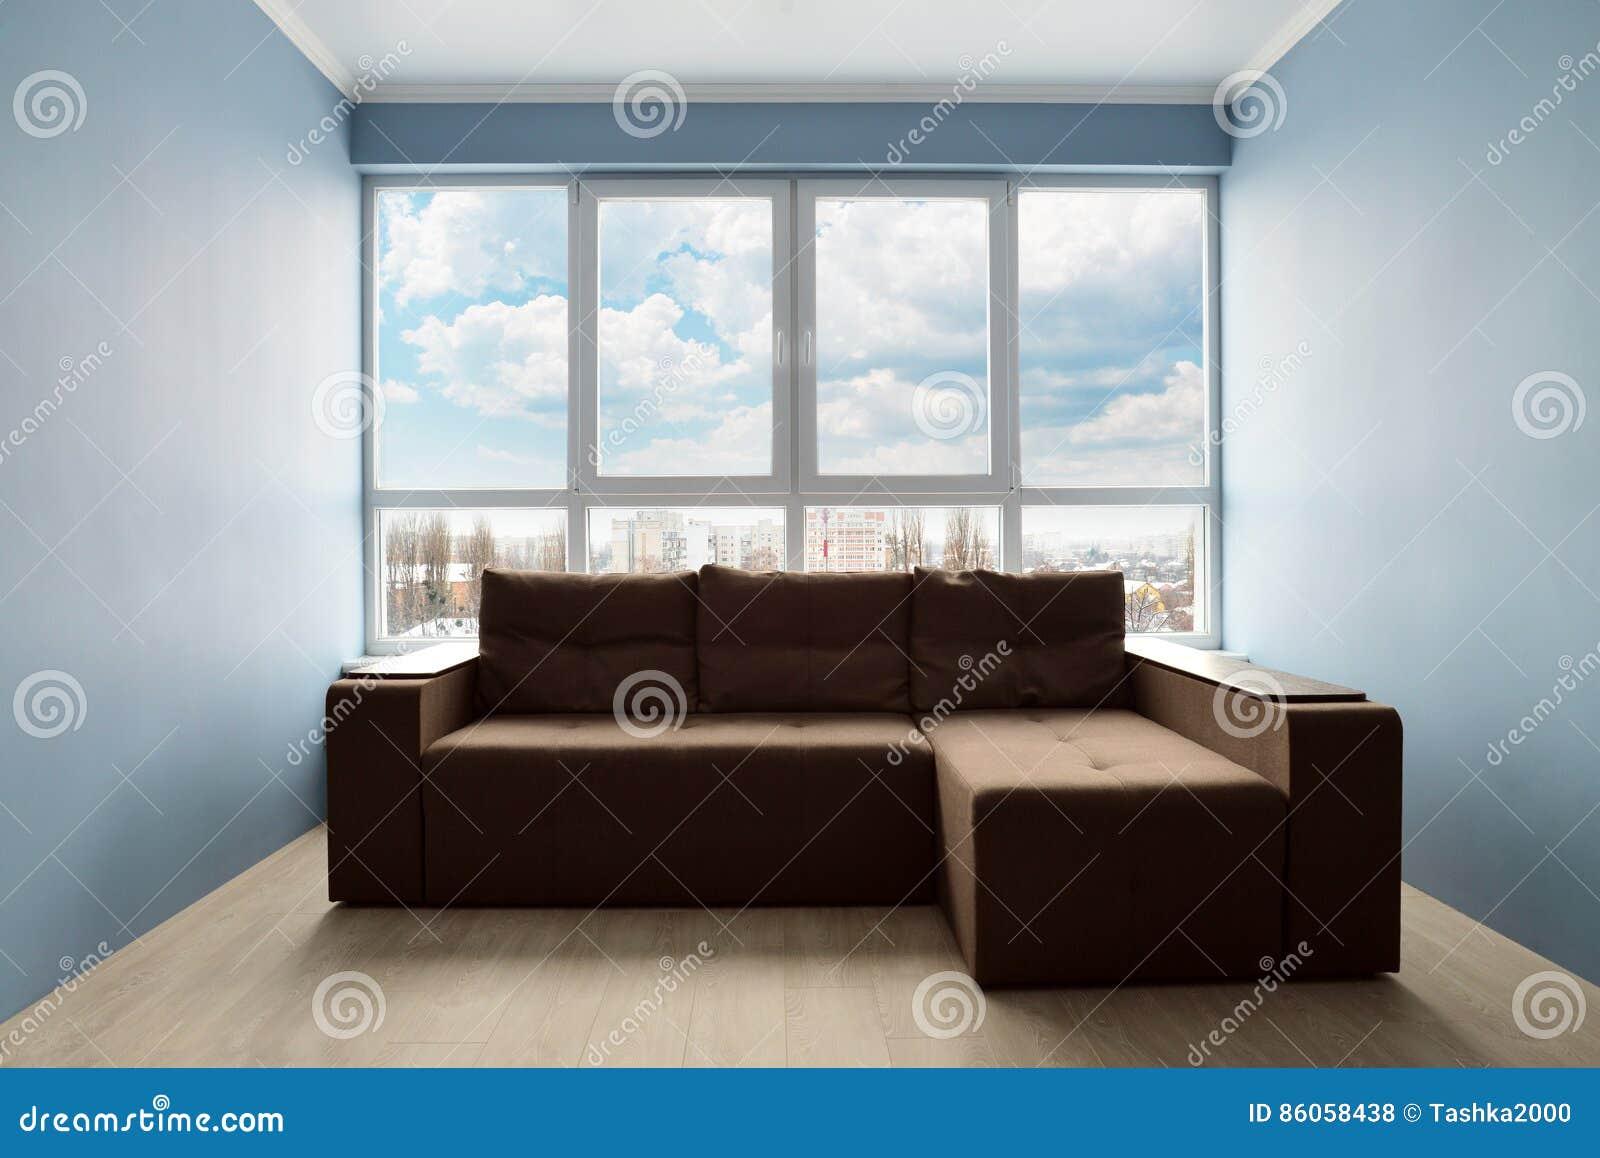 Säubern Sie Wohnzimmer Mit Brauner Couch